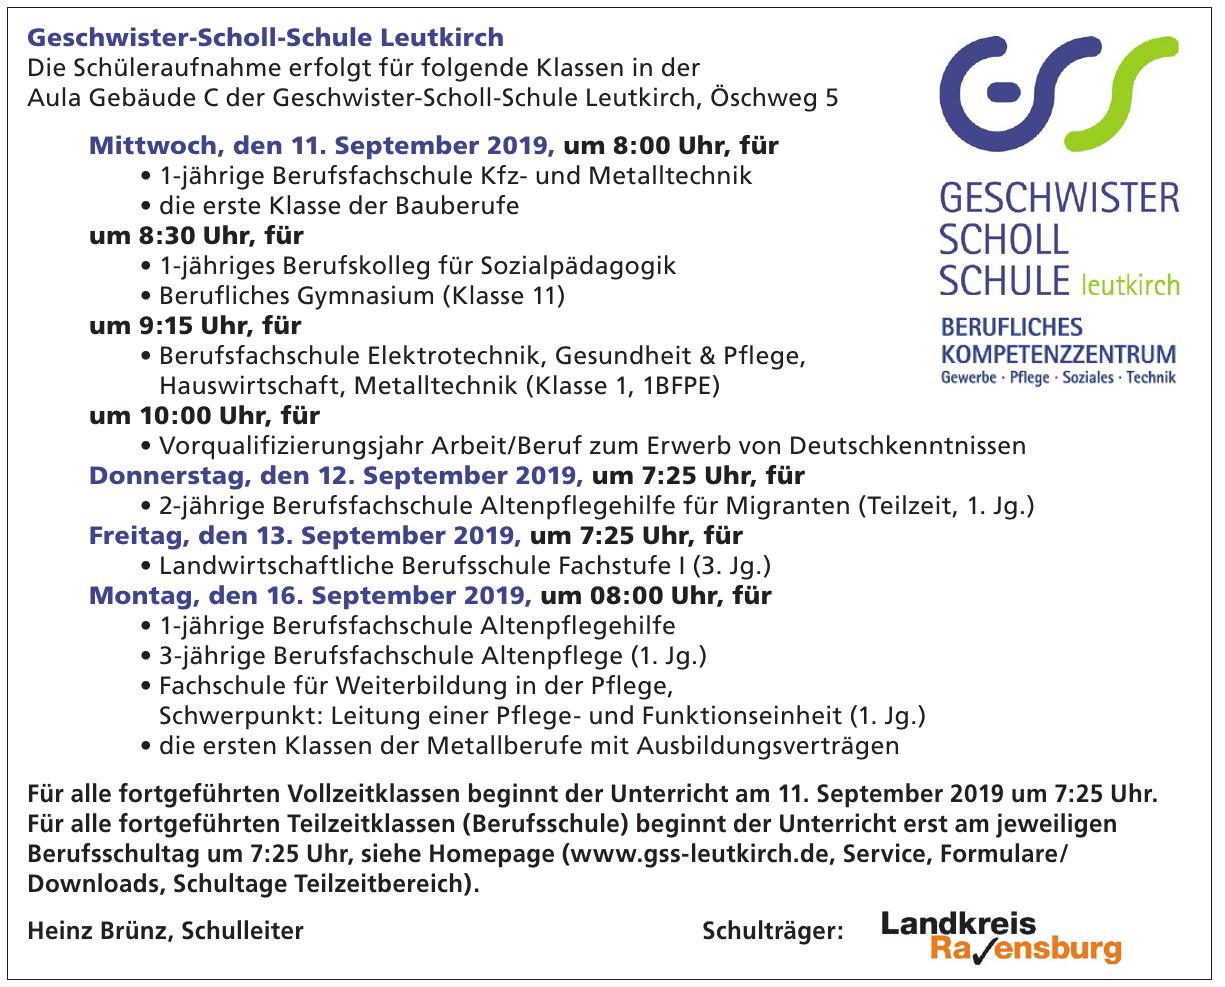 Geschwister-Scholl-Schule Leutkirch